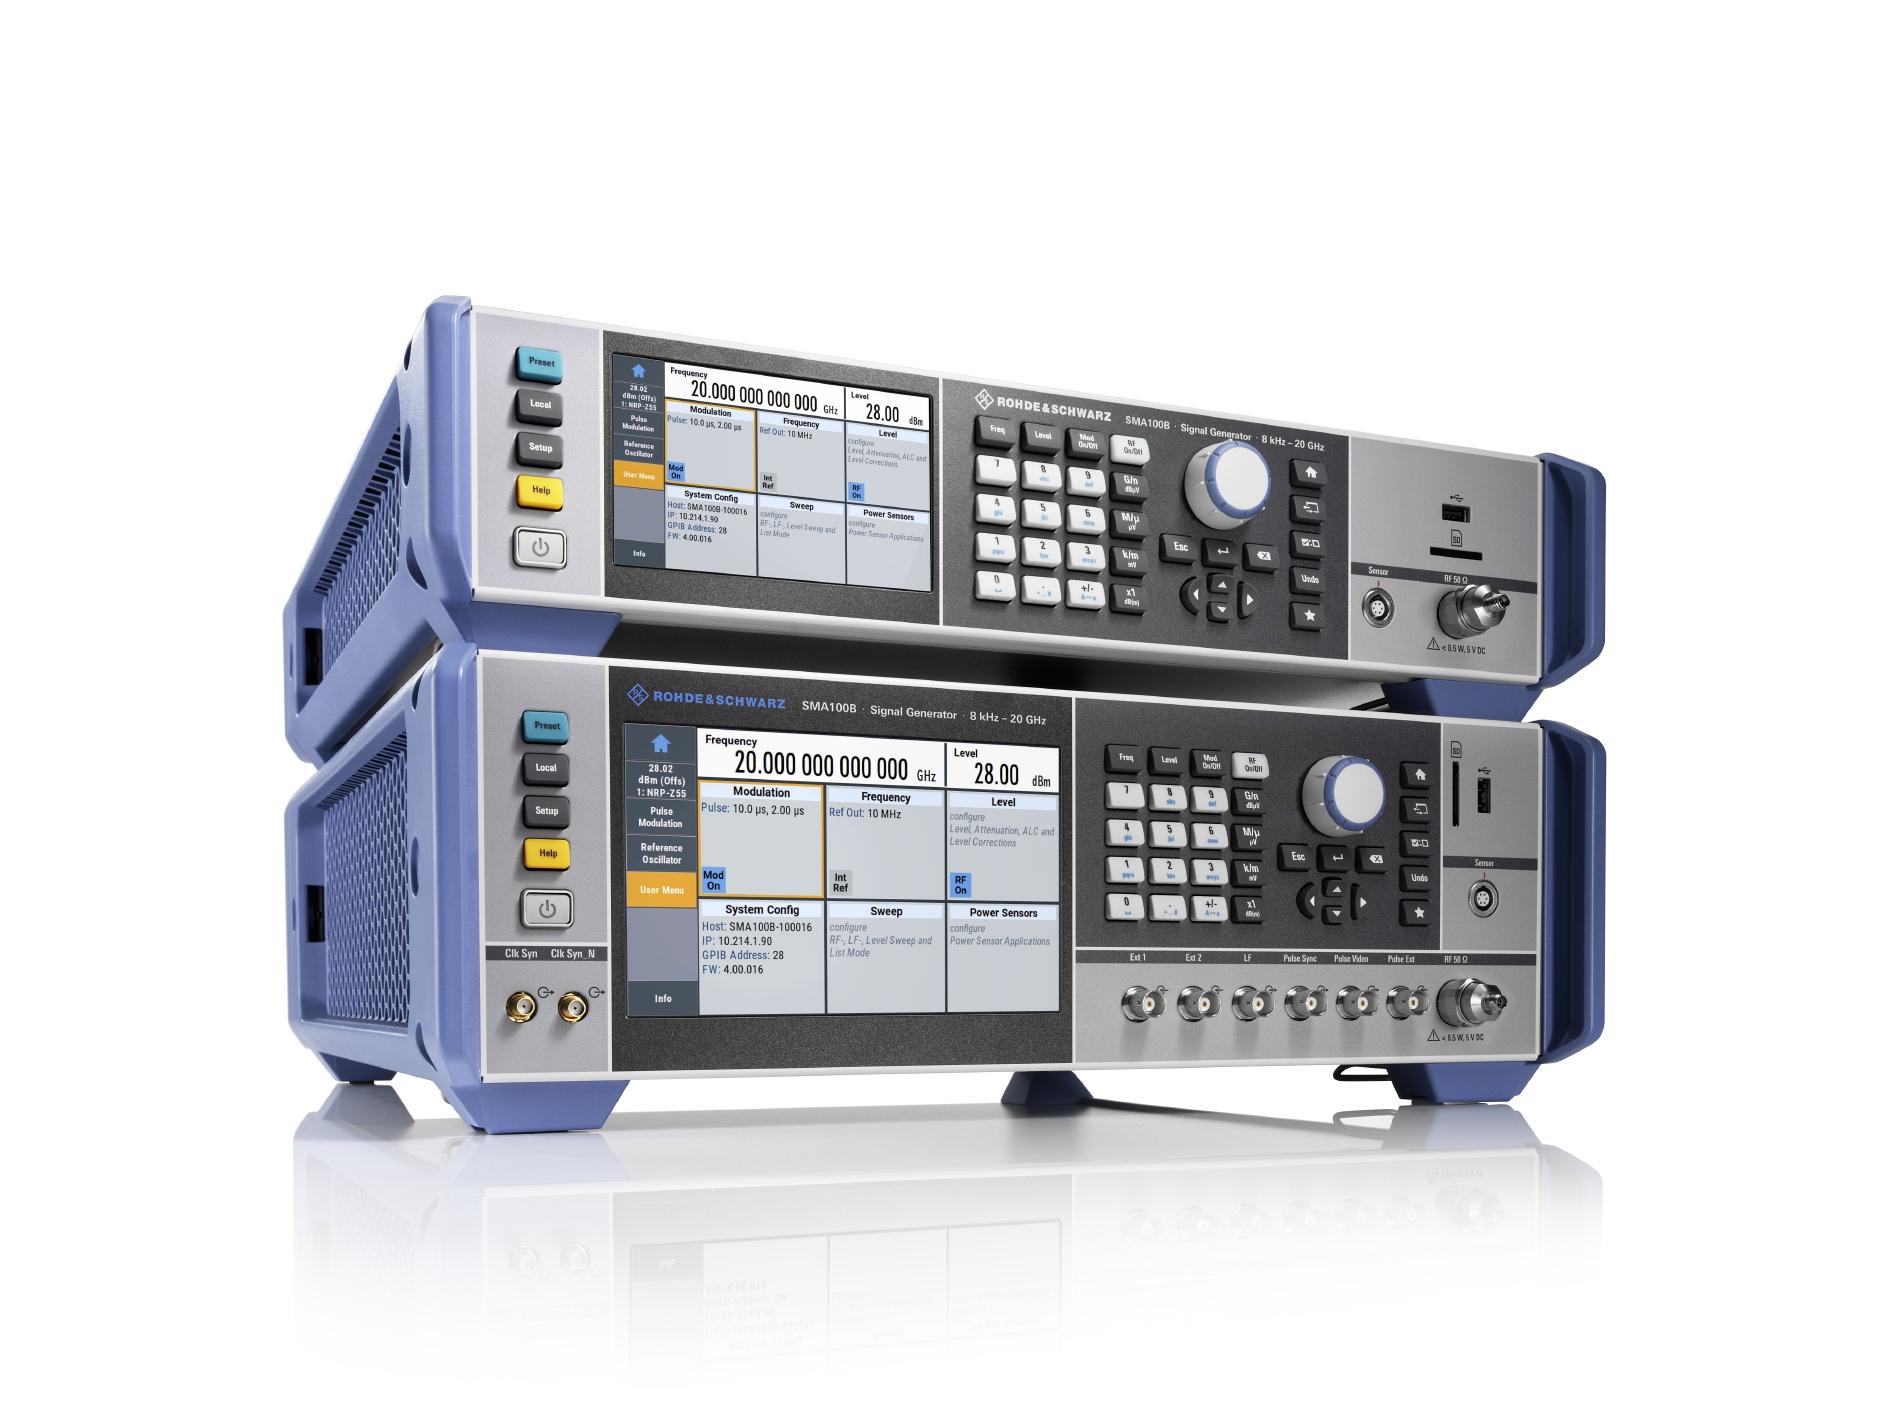 Rohde & Schwarz prezintă generatorul high-end de semnale RF și de microunde având performanțe de top pentru zgomotul de fază și cea mai mare putere de ieșire